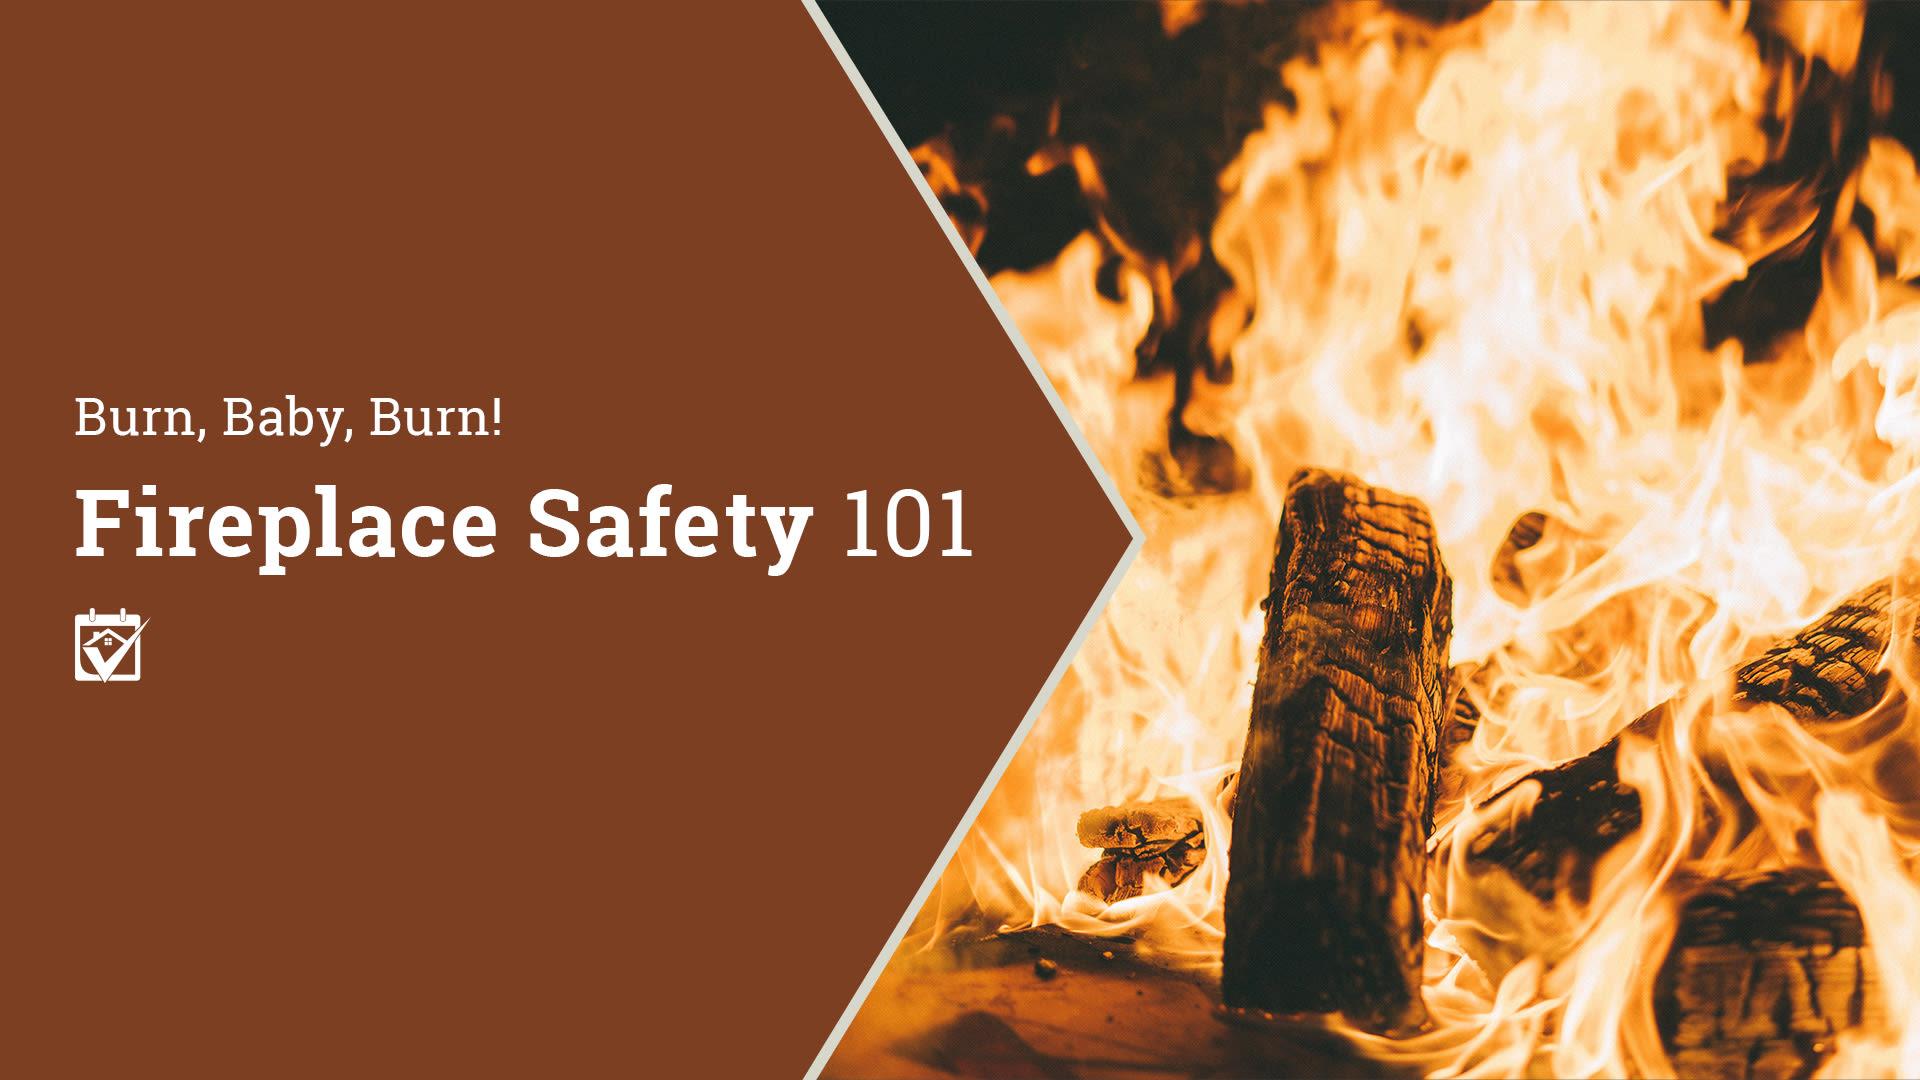 Fireplace Safety 101